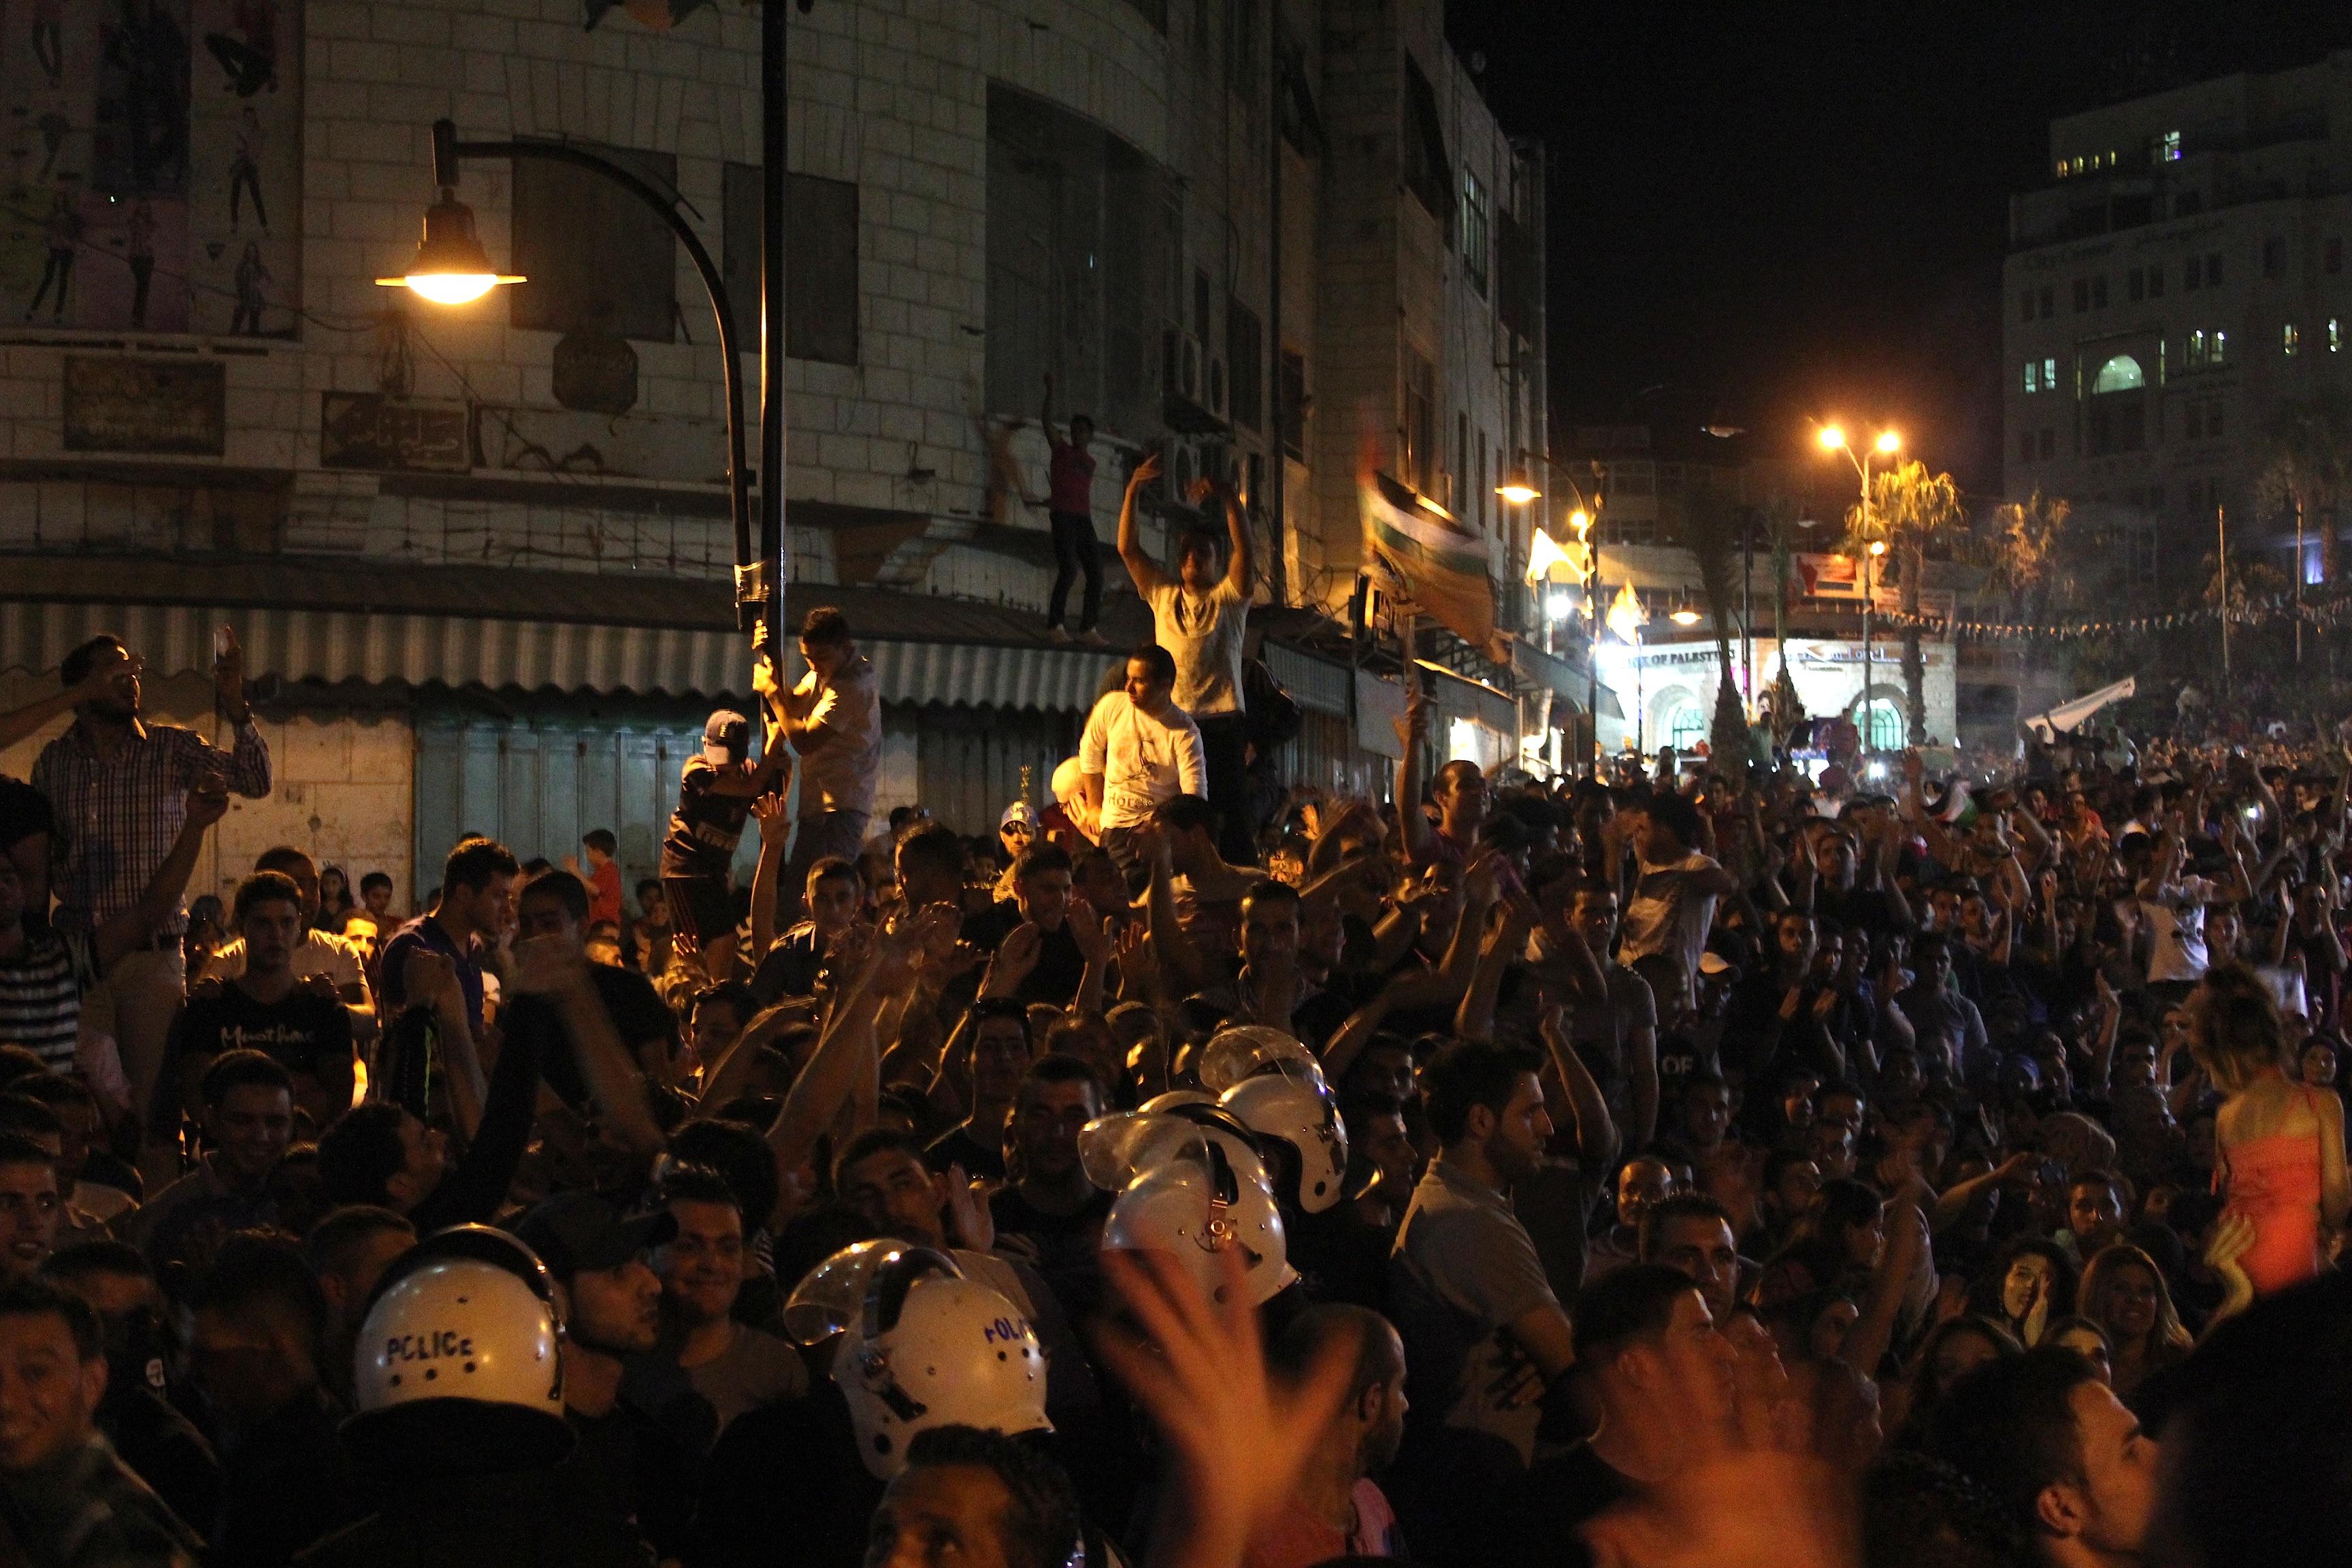 La police palestinienne déployée pour contenir la foule le soir de l'annonce des résultats de la finale d'Arab Idol, Ramallah, 22 juin 2013 www.merblanche.com all rights reserved